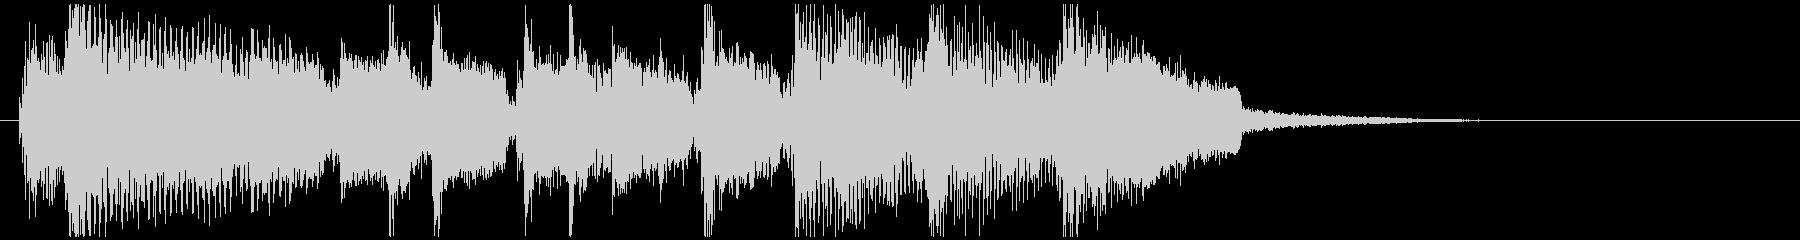 軽快ポップバンドサウンド アイキャッチの未再生の波形